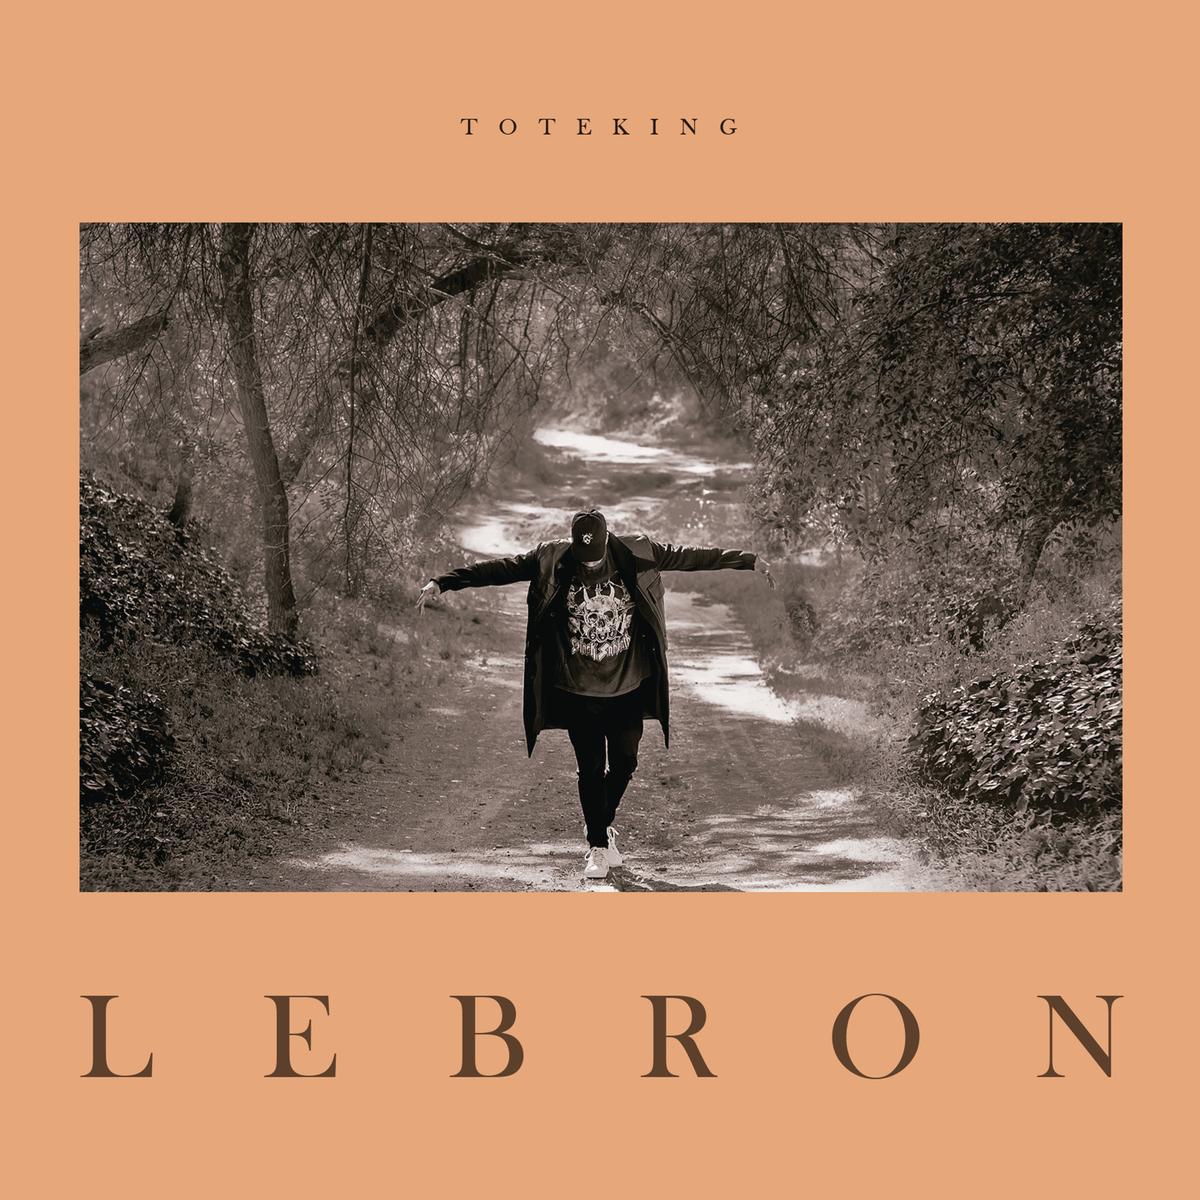 Toteking - Lebron (Ficha con tracklist)